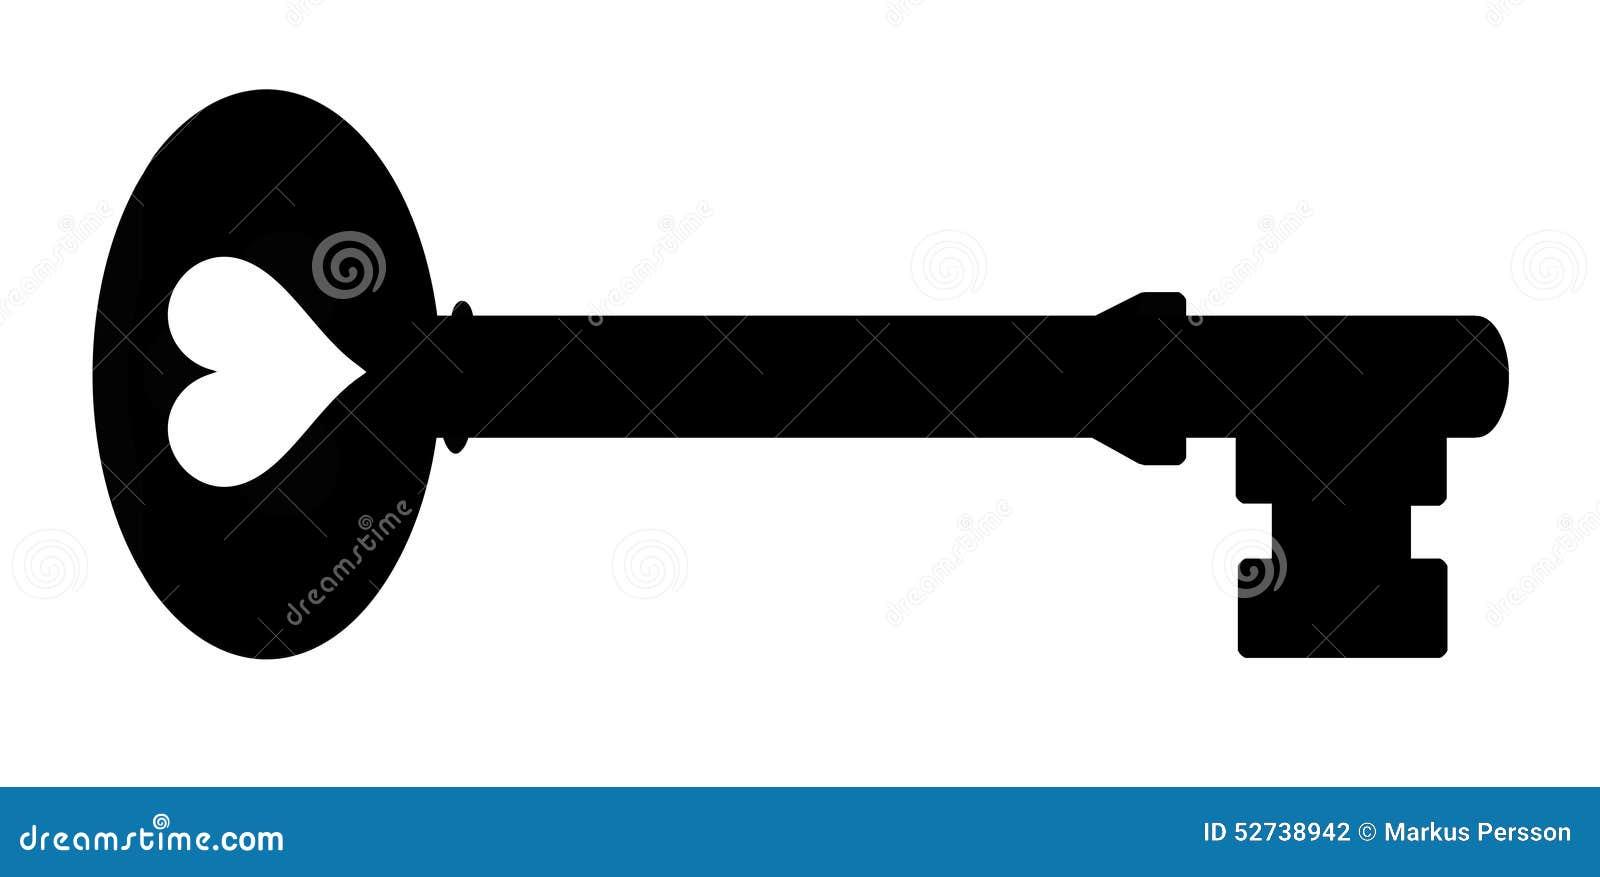 Key silhouette